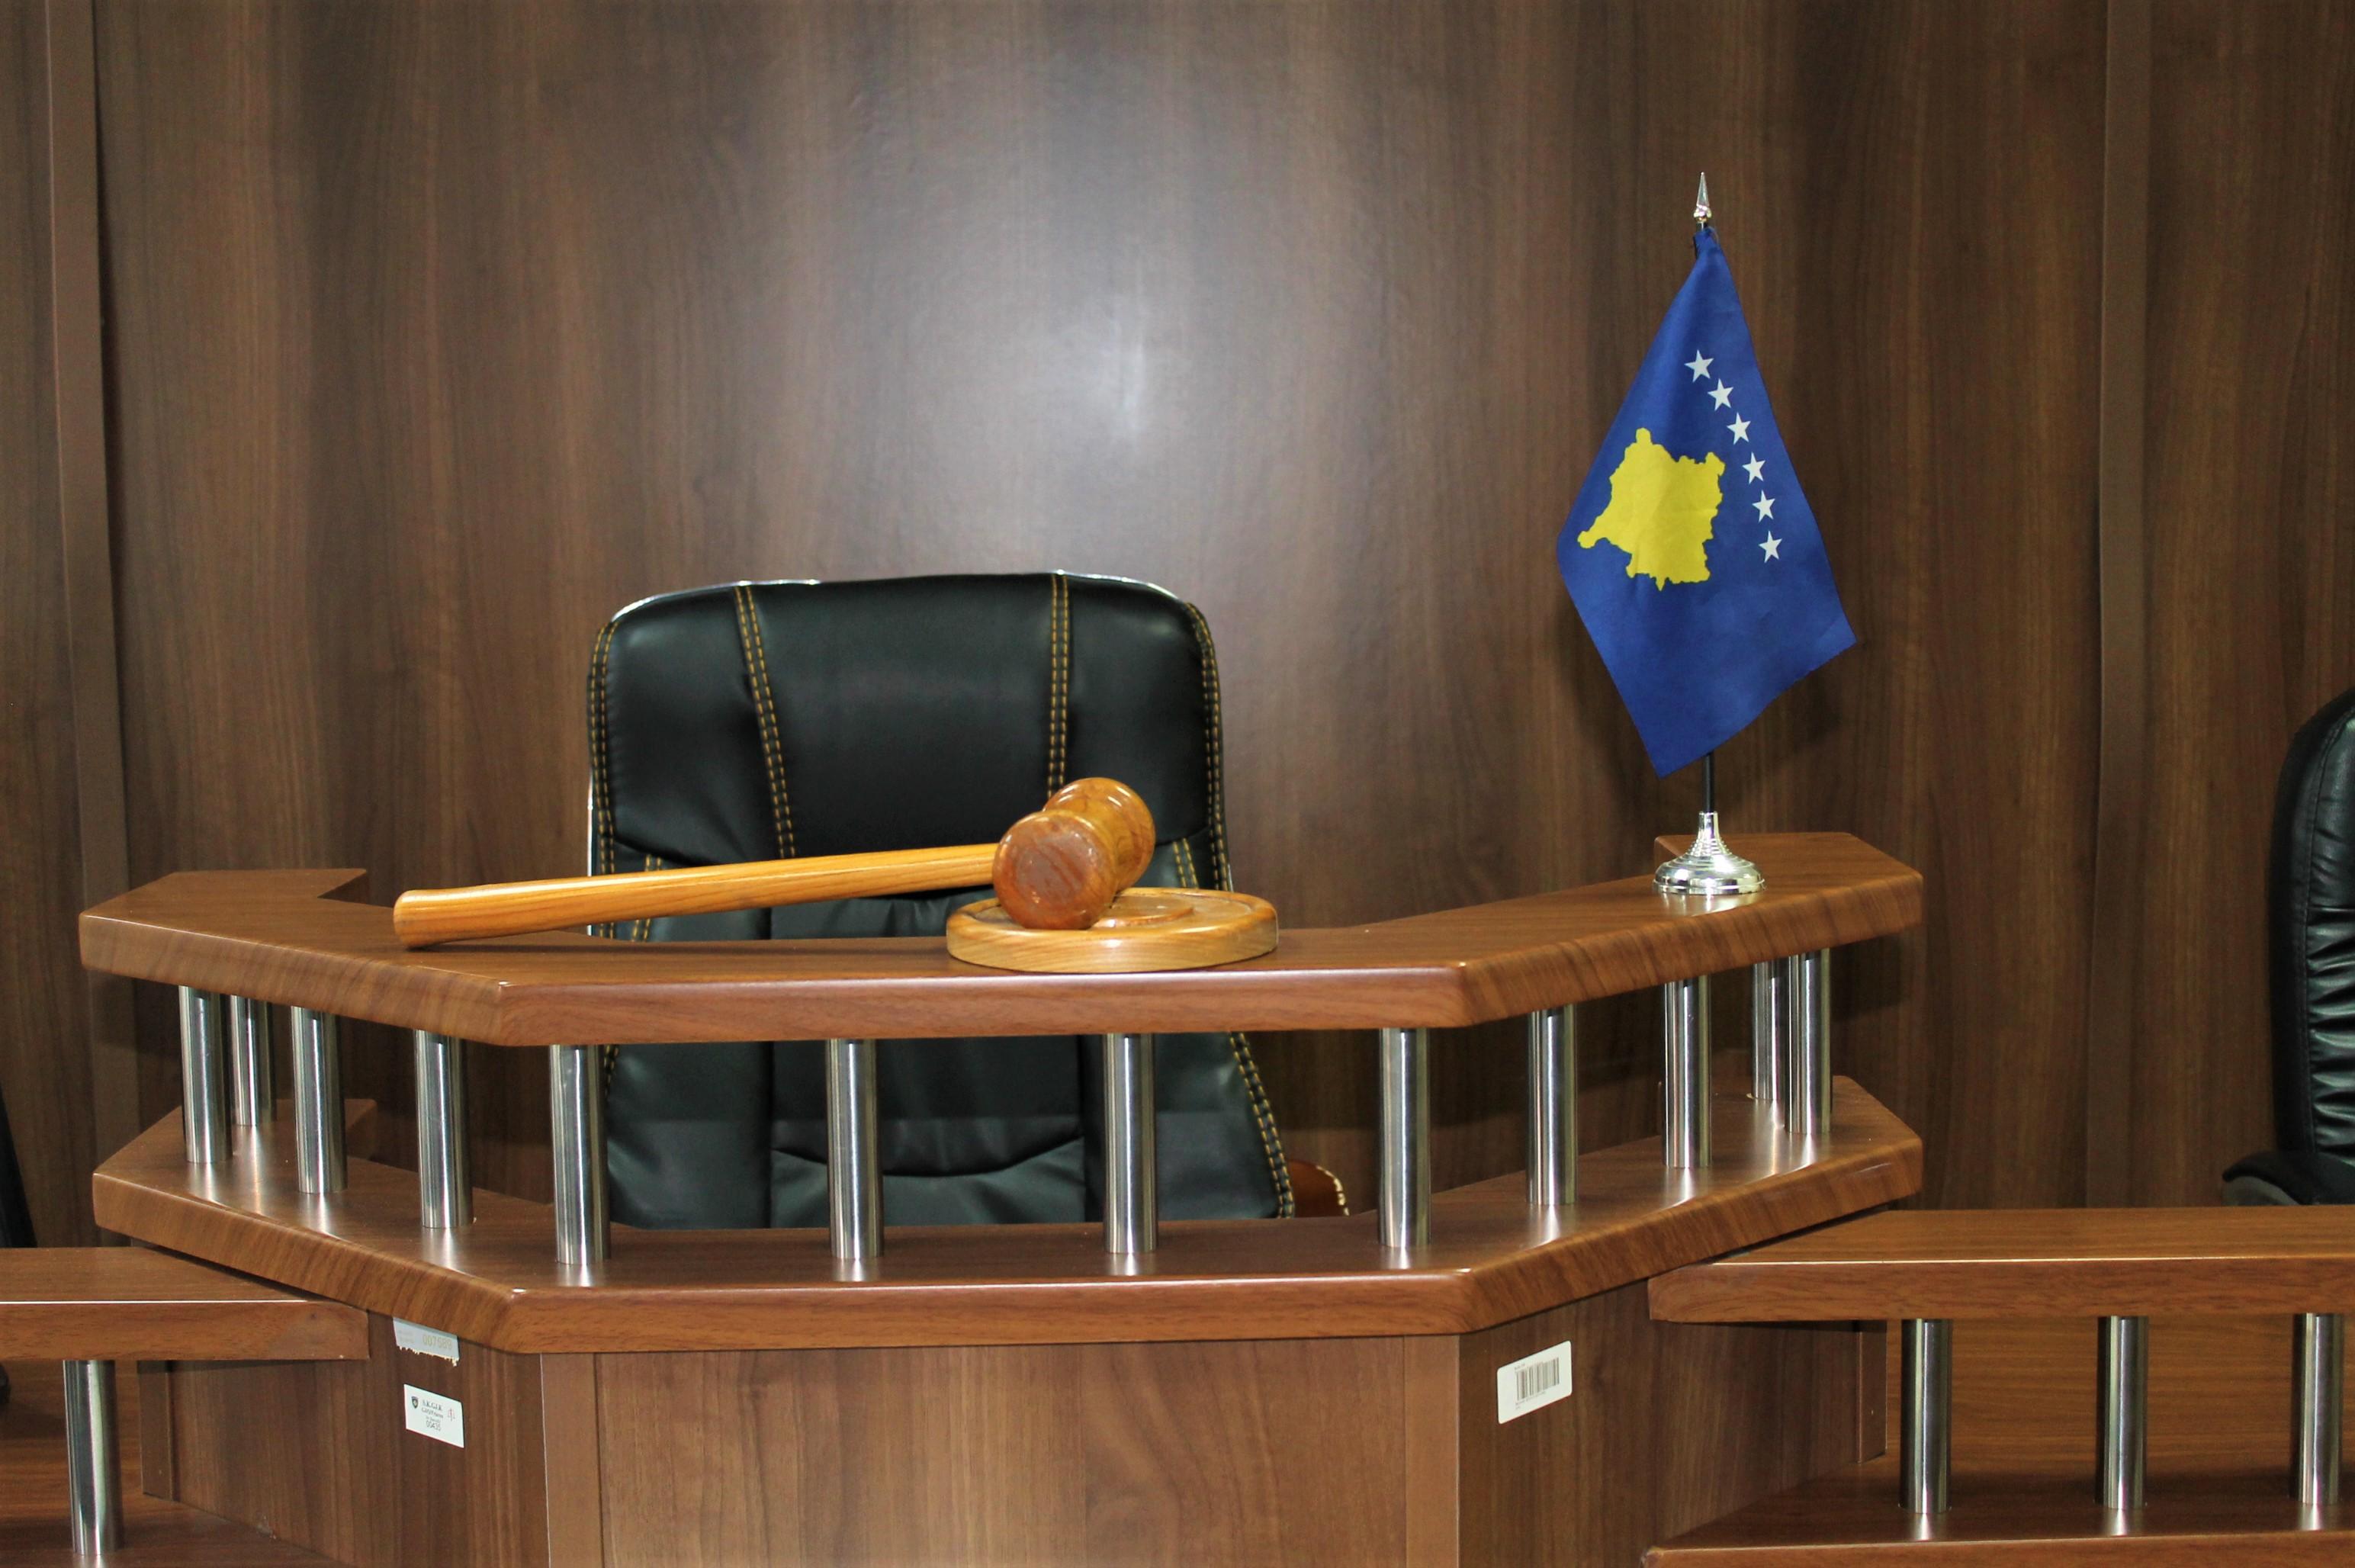 Gjykata shpall aktgjykim dënues ndaj një  (1) të akuzuari  për veprën penale shmangie nga tatimi